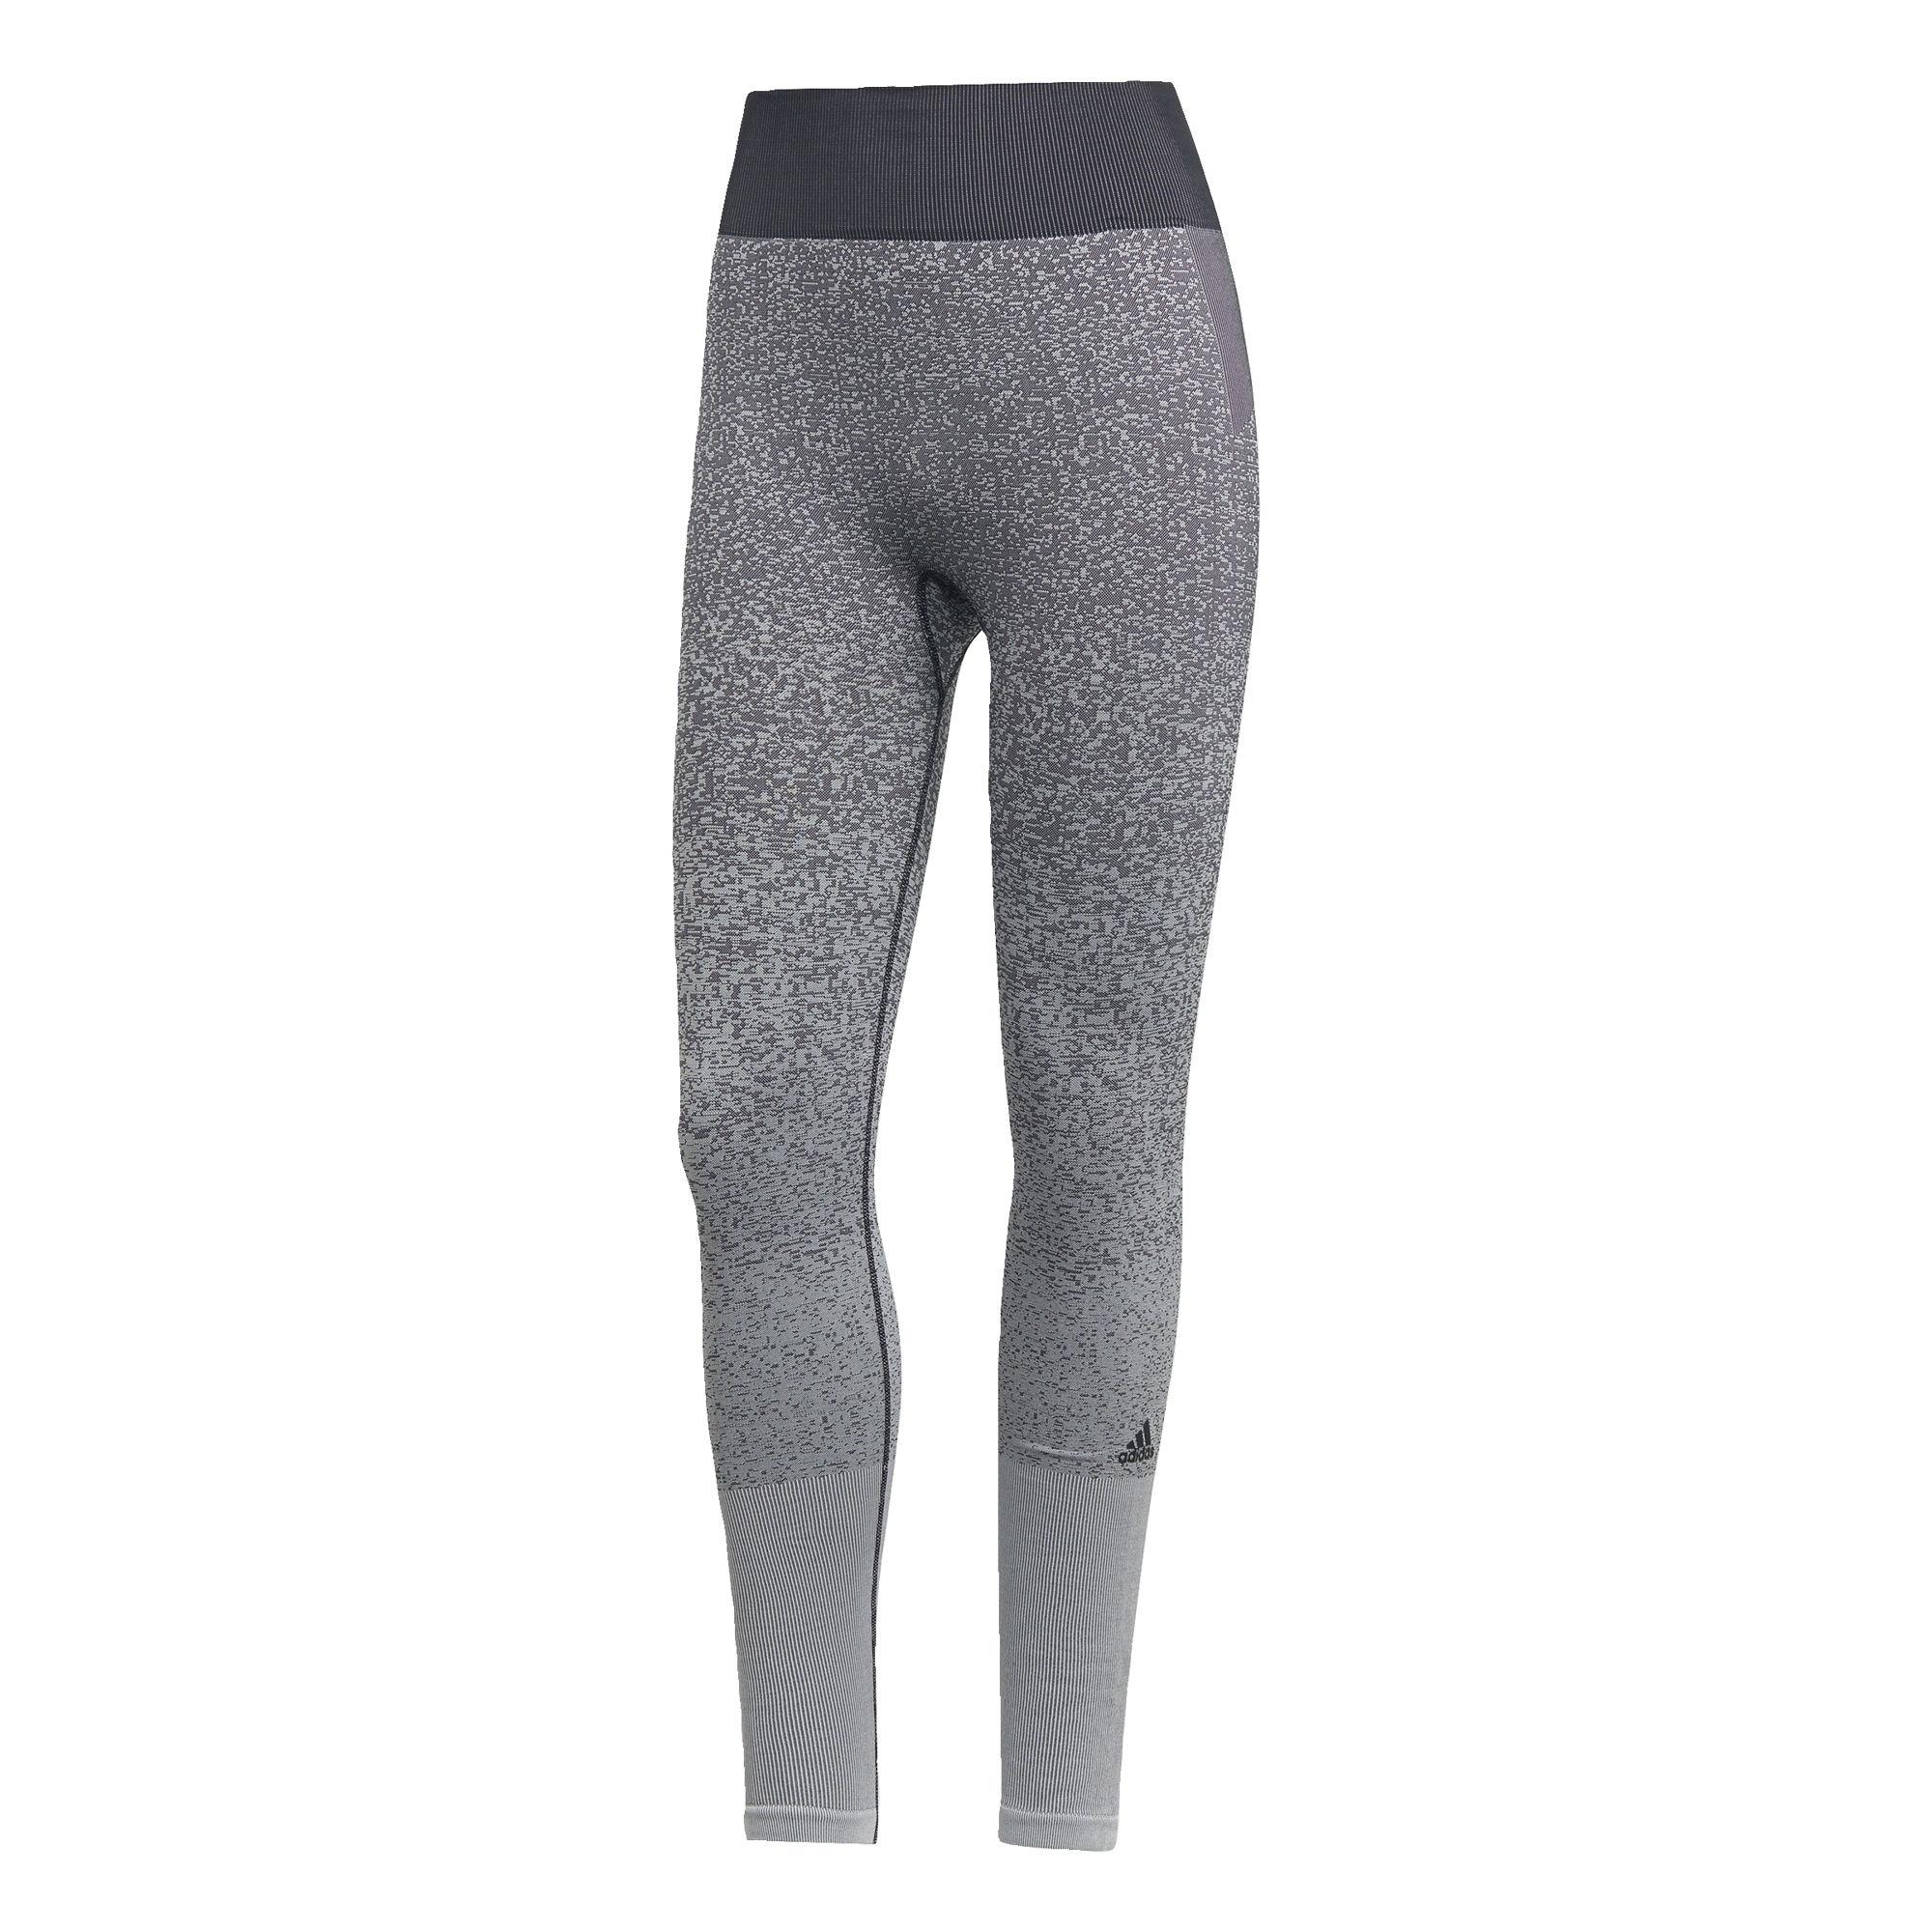 Sportovní kalhoty Believe This světle šedá tmavě šedá ADIDAS PERFORMANCE